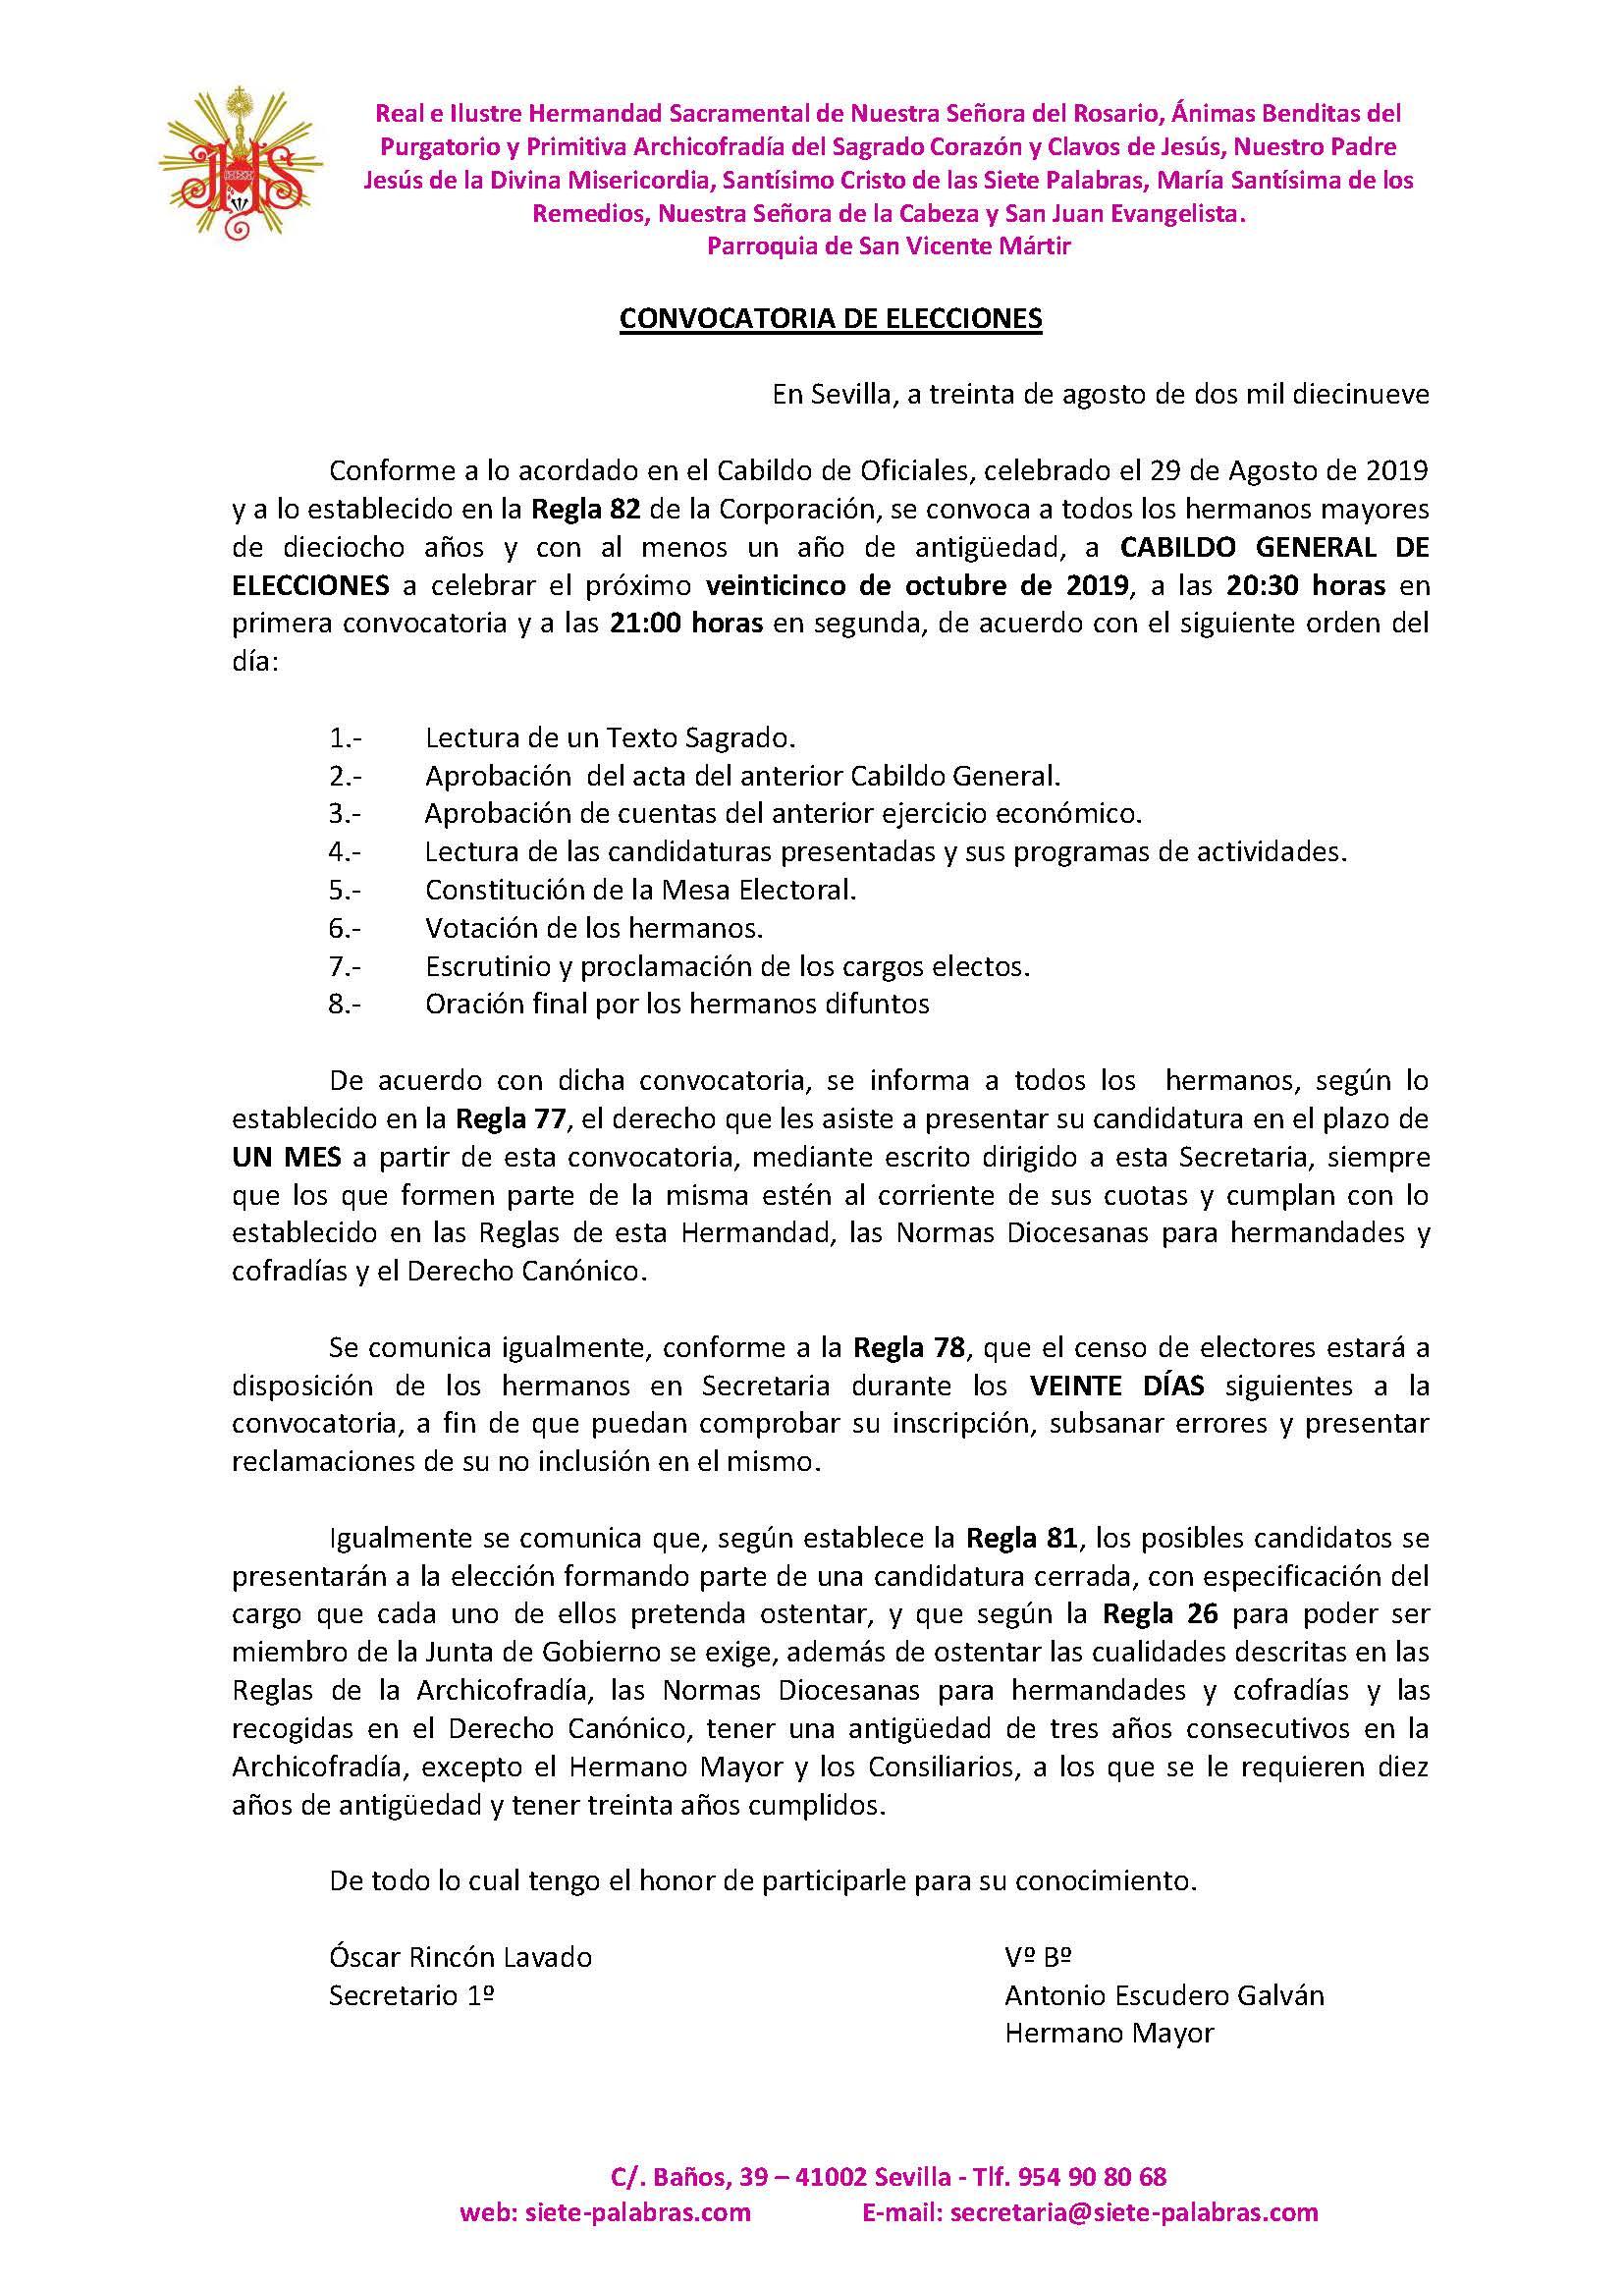 CONVOCATORIA ELECCIONES 2019